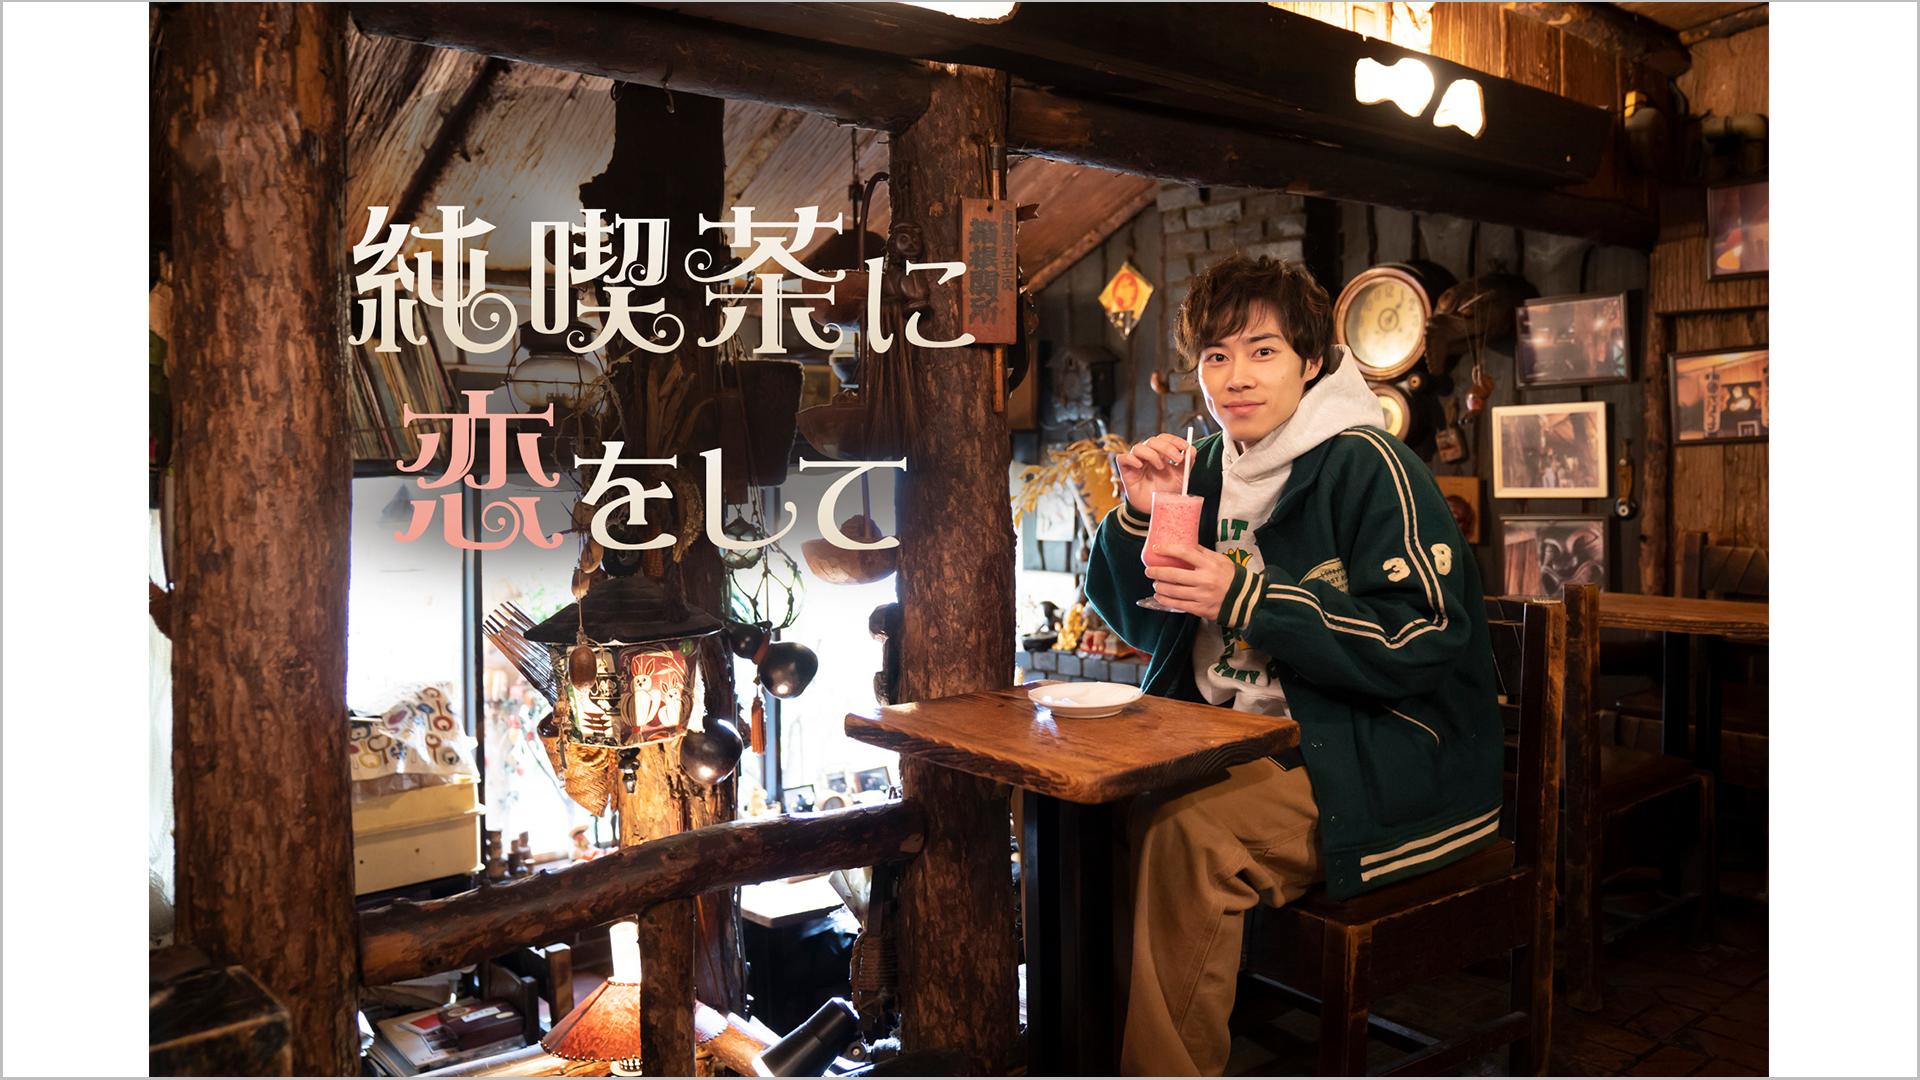 純喫茶に恋をして #11 吉祥寺「ウッドストック」